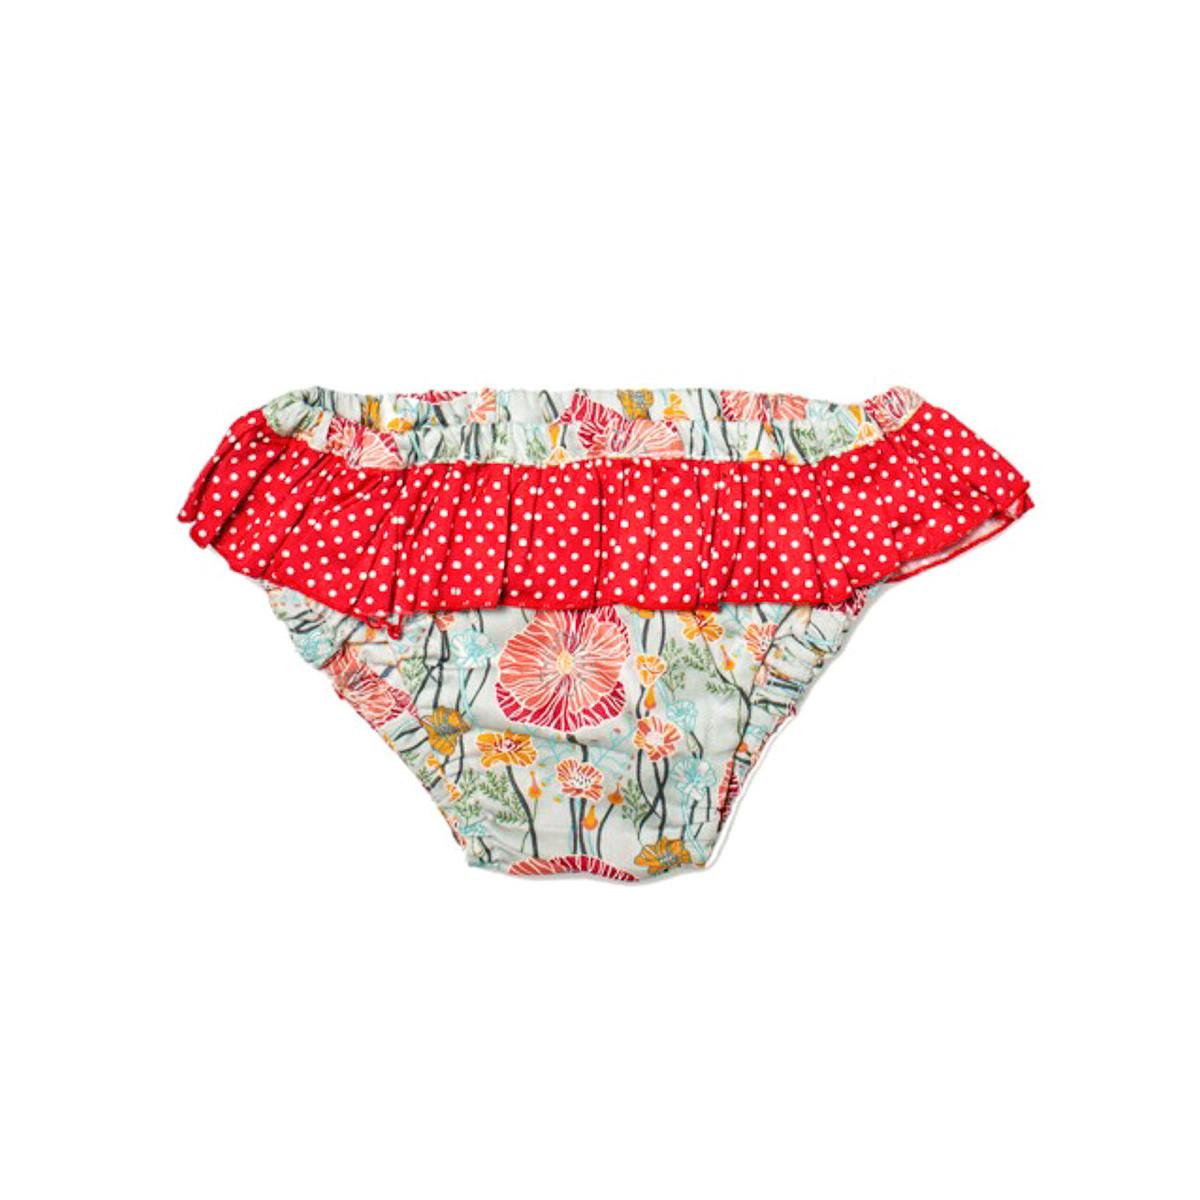 Culotte de bain fille 2-4 ans bleu et coquelicot rouge